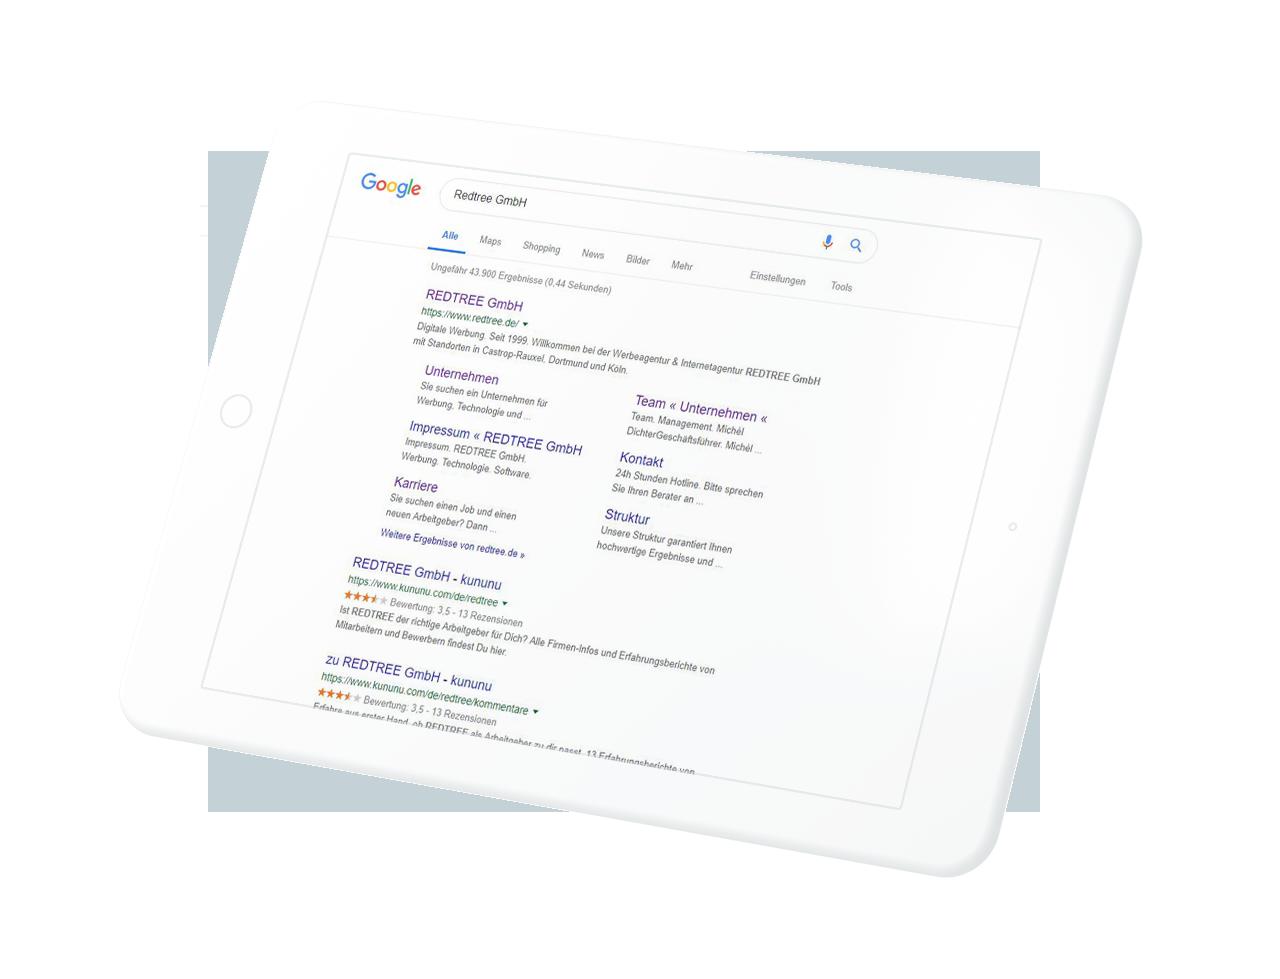 Google Suchergebnis Redtree auf einem Tablet